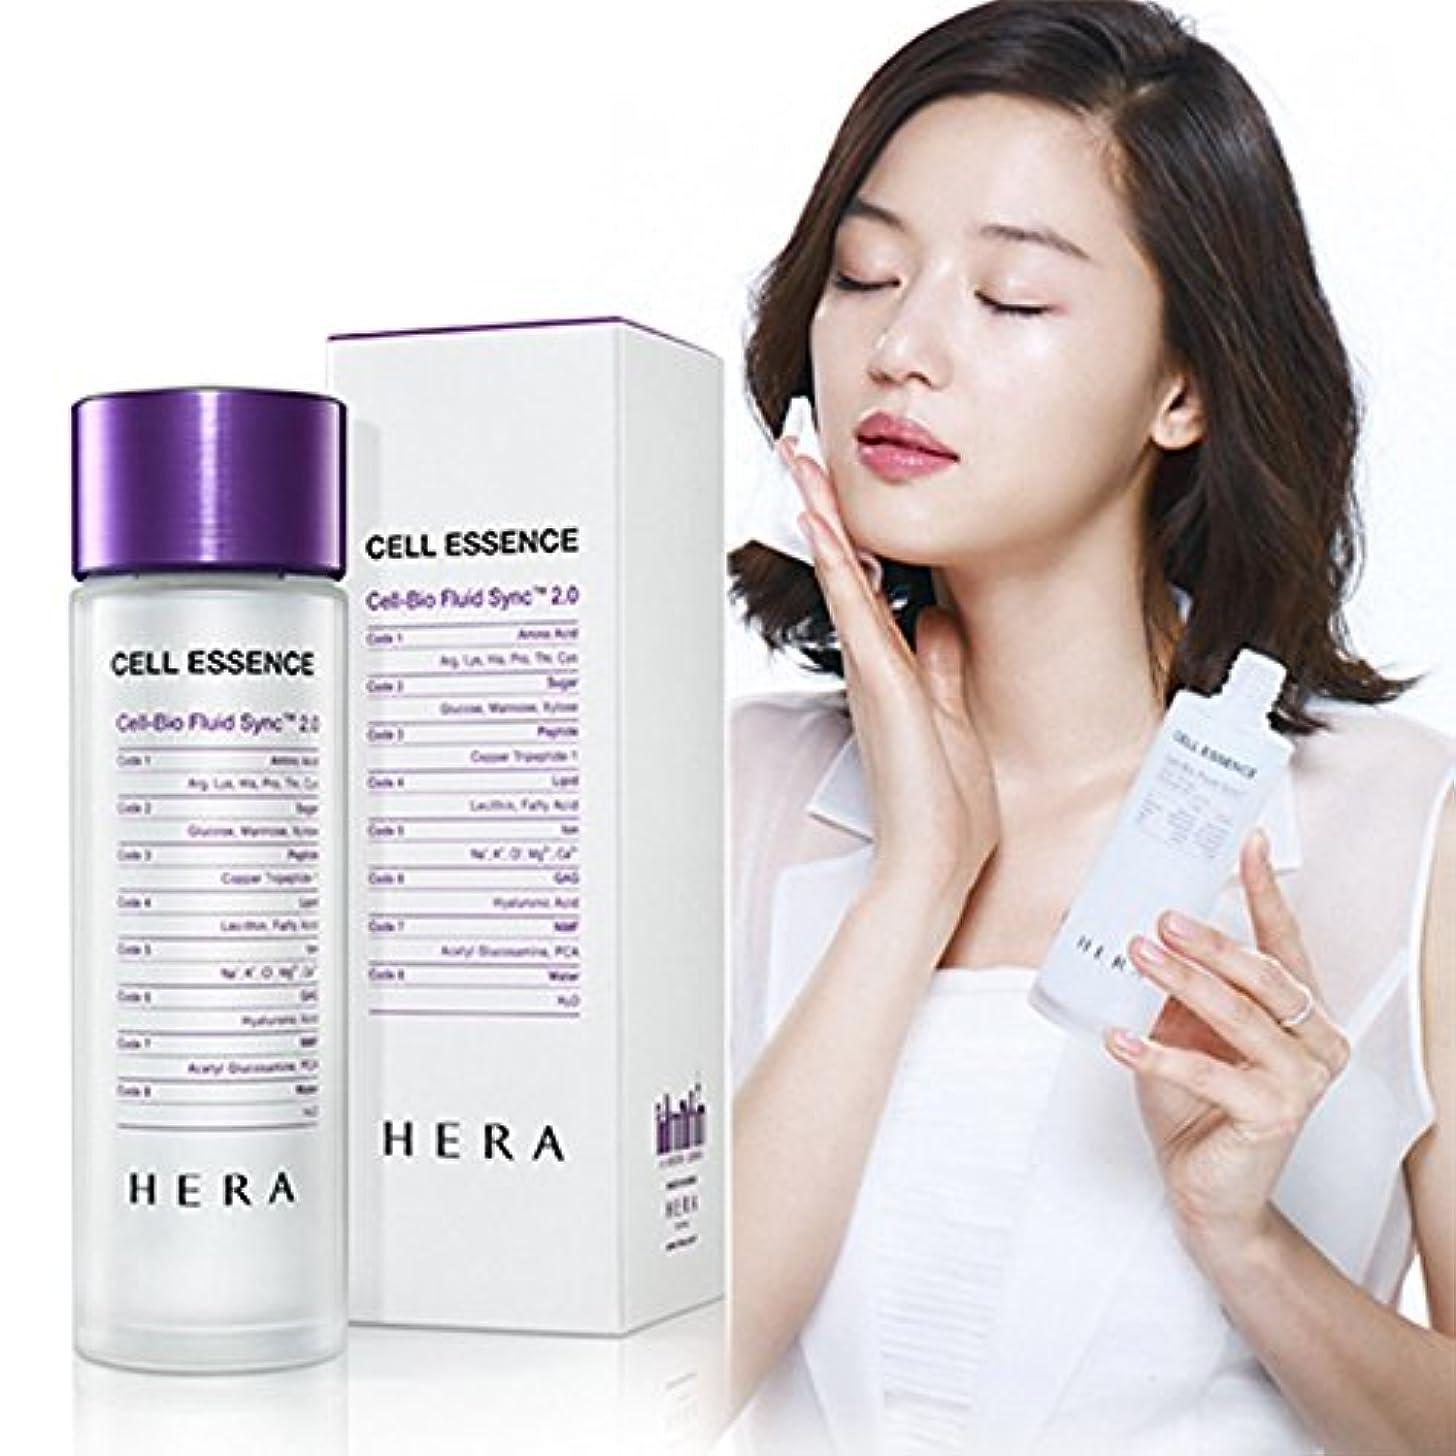 私の締める株式HERA/ヘラ セルエッセンス セル?バイオフルイドシンク2.0 150ml 5 Oz 2016ニューバージョン(Hera Cell Essence Cell-Bio Fluid Sync 2.0 150ml 5 Oz...